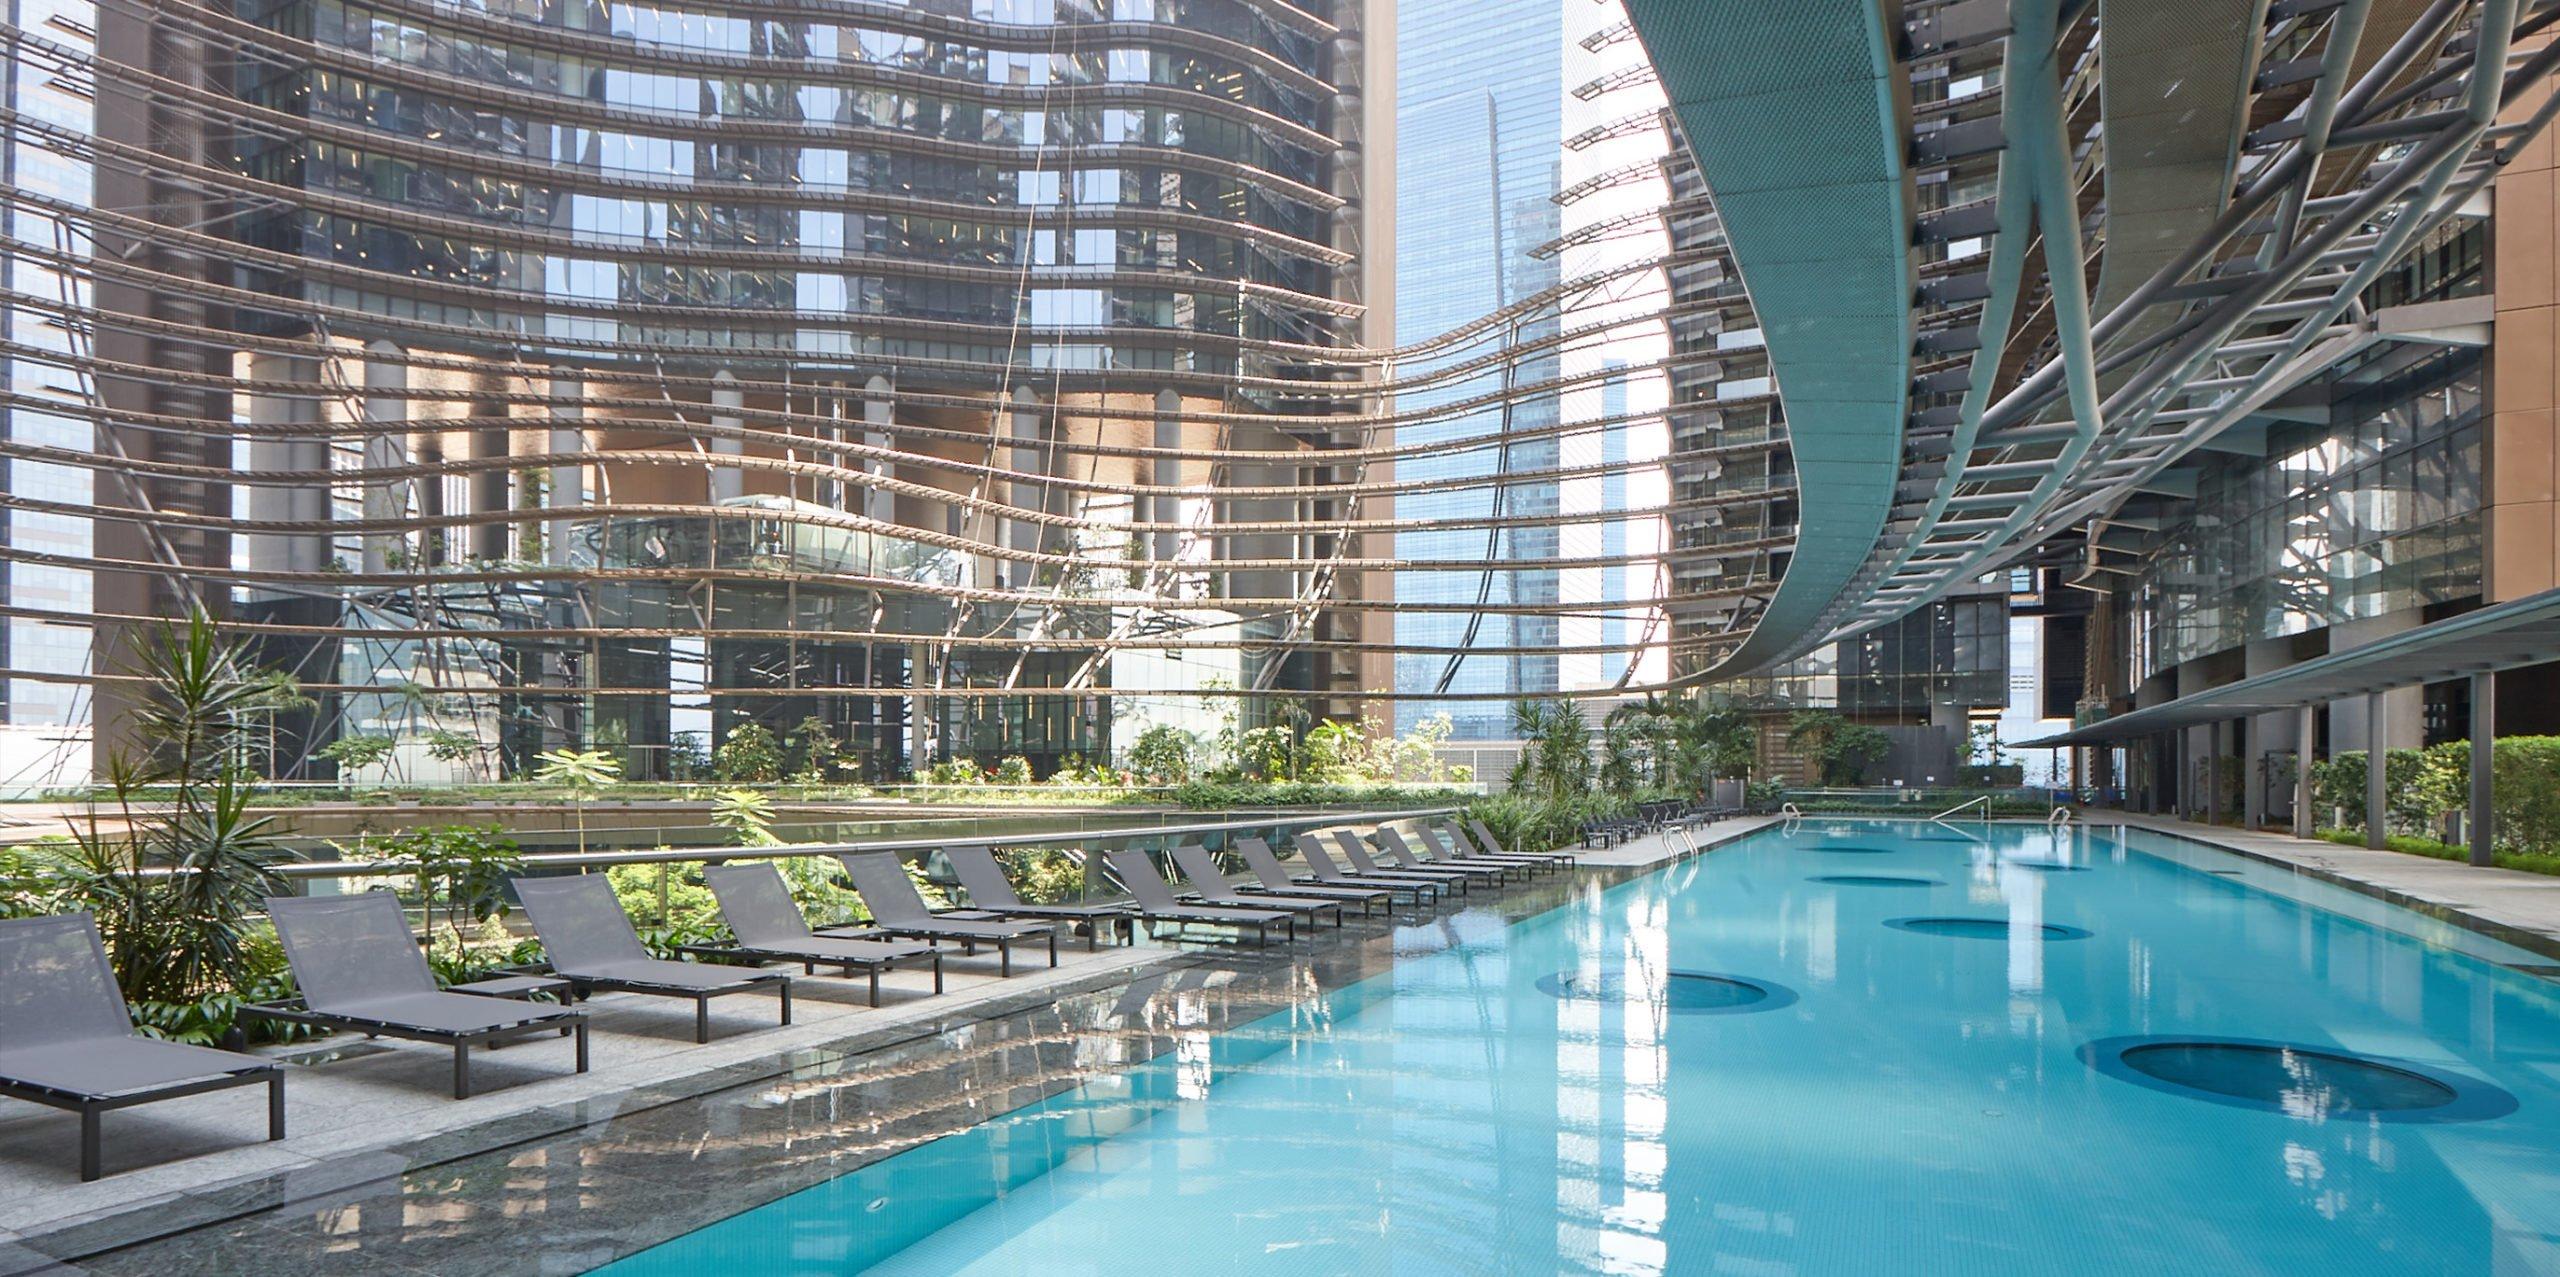 滨海盛景豪苑 marina one residences lap pool